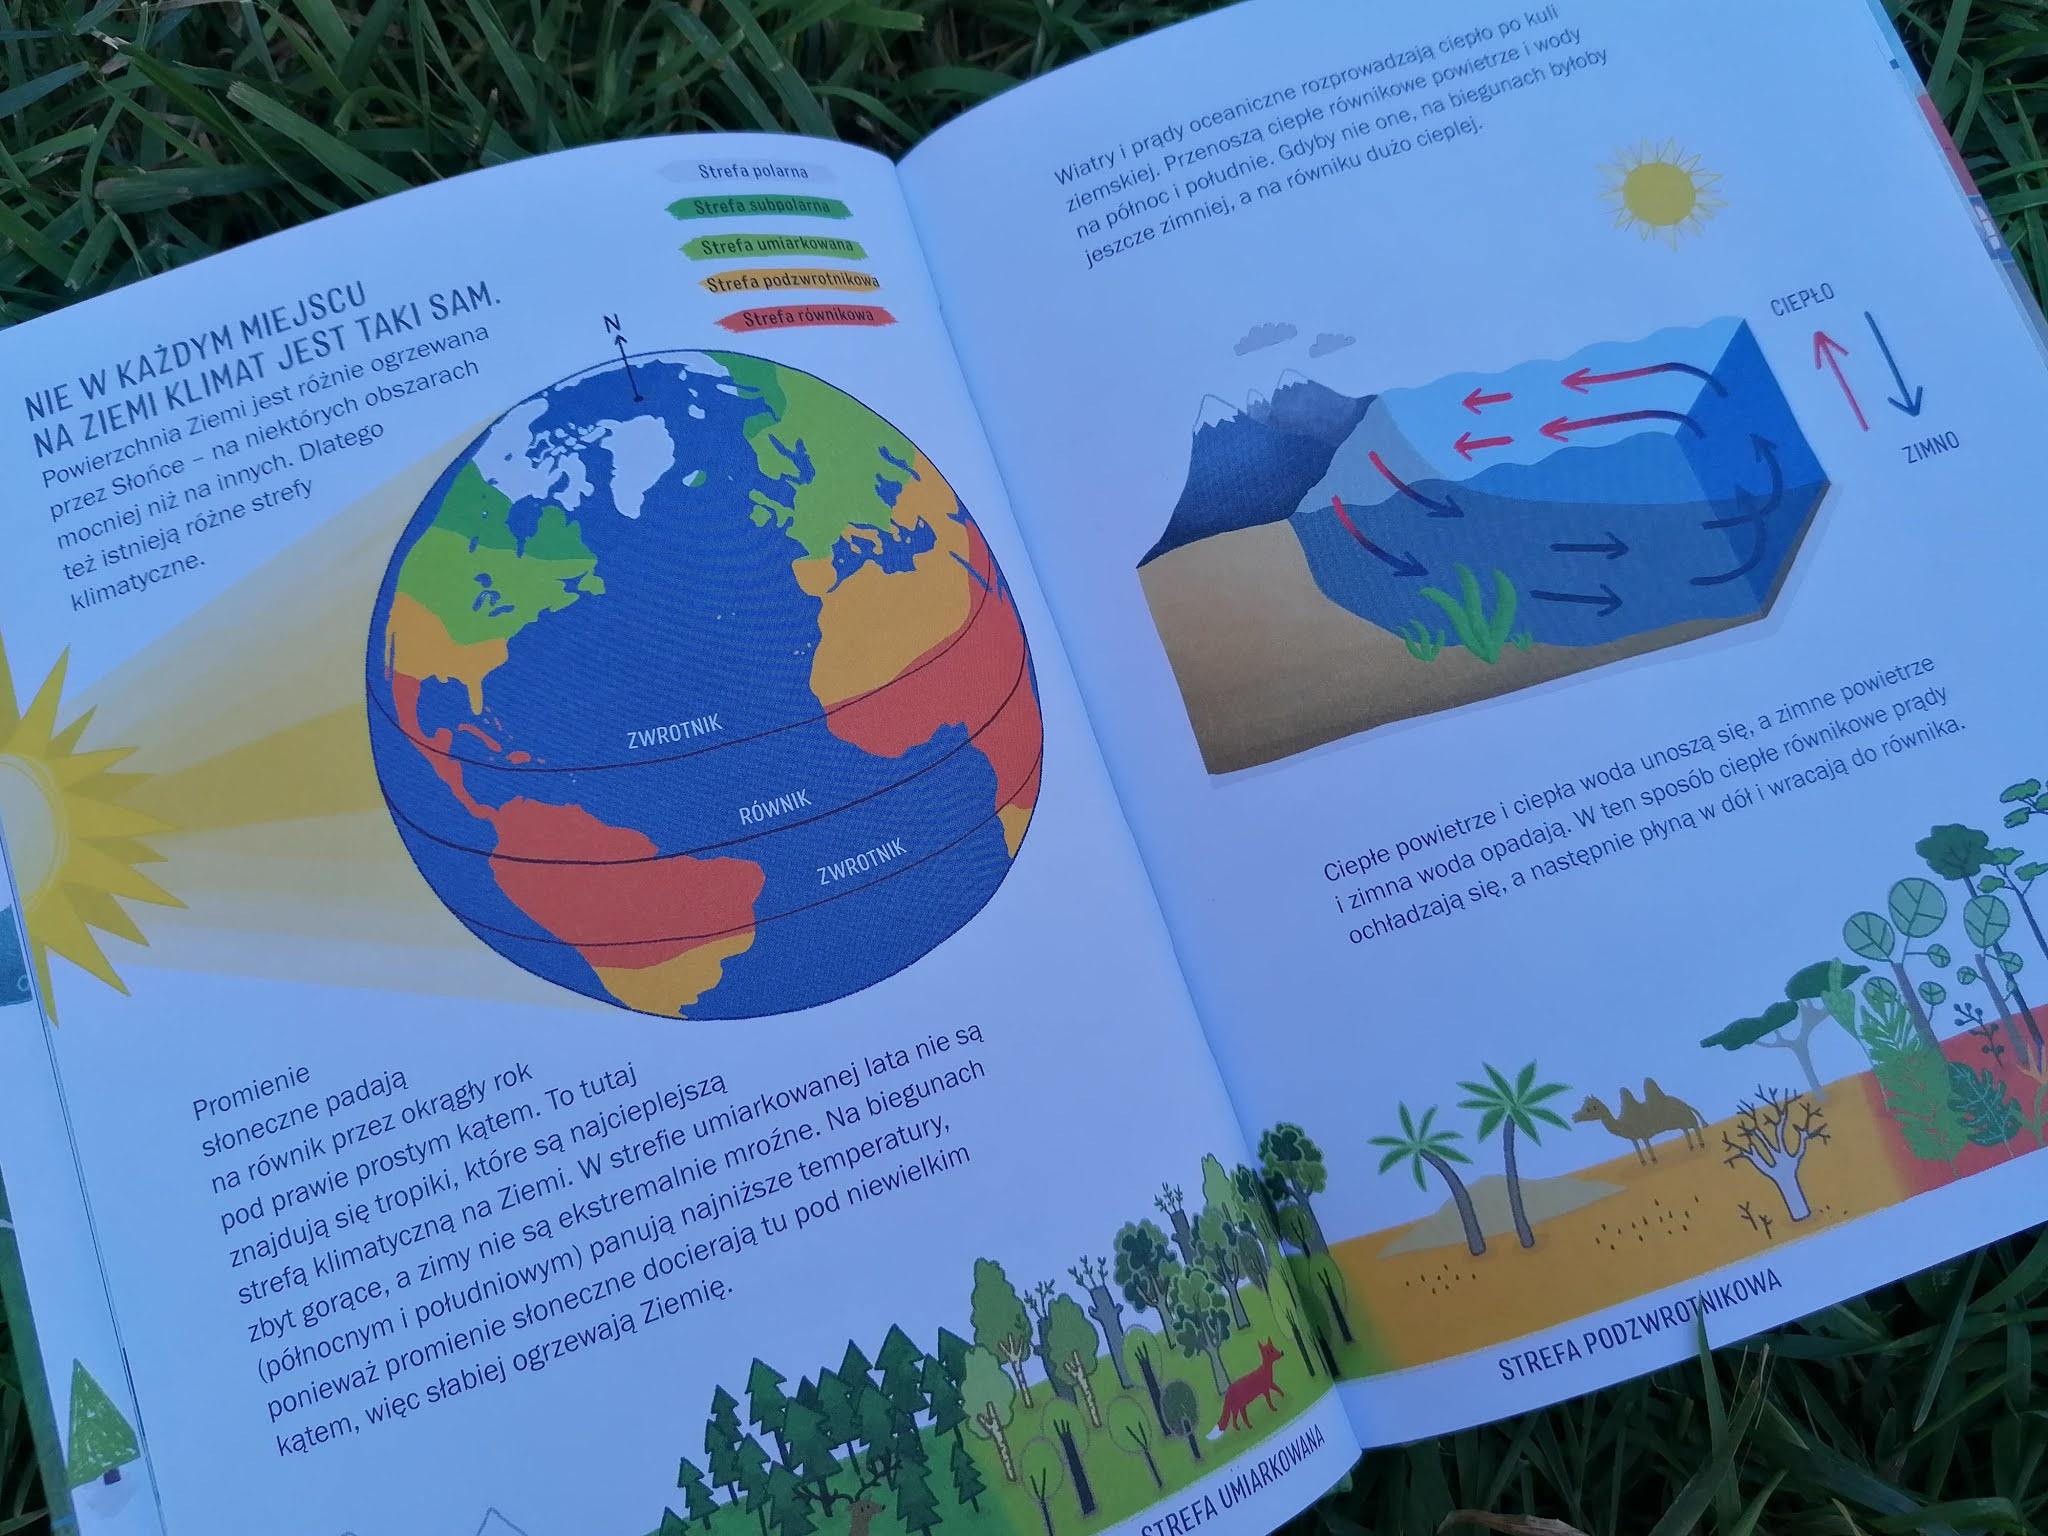 atmosfera na ziemi, cyrkulacja, woda, taki mamy klimat